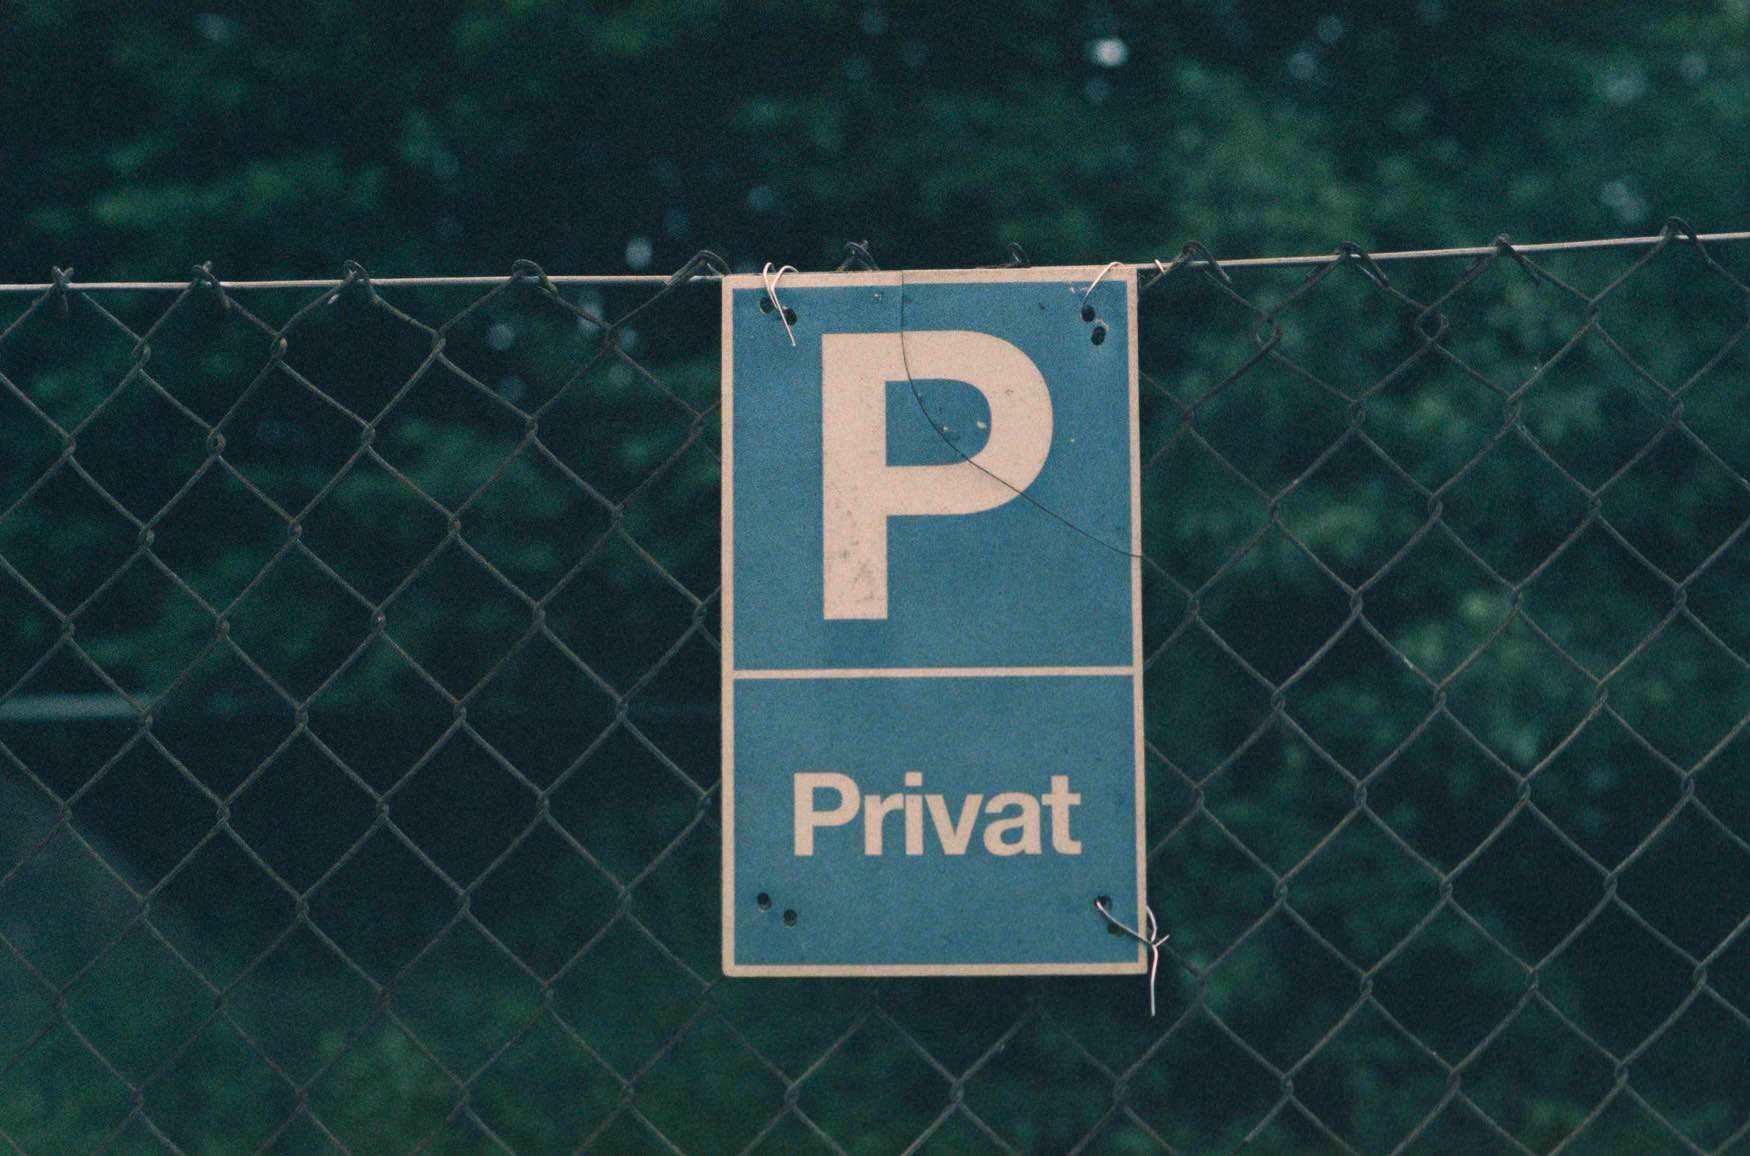 Unfallflucht auf einem Privatgrundstück